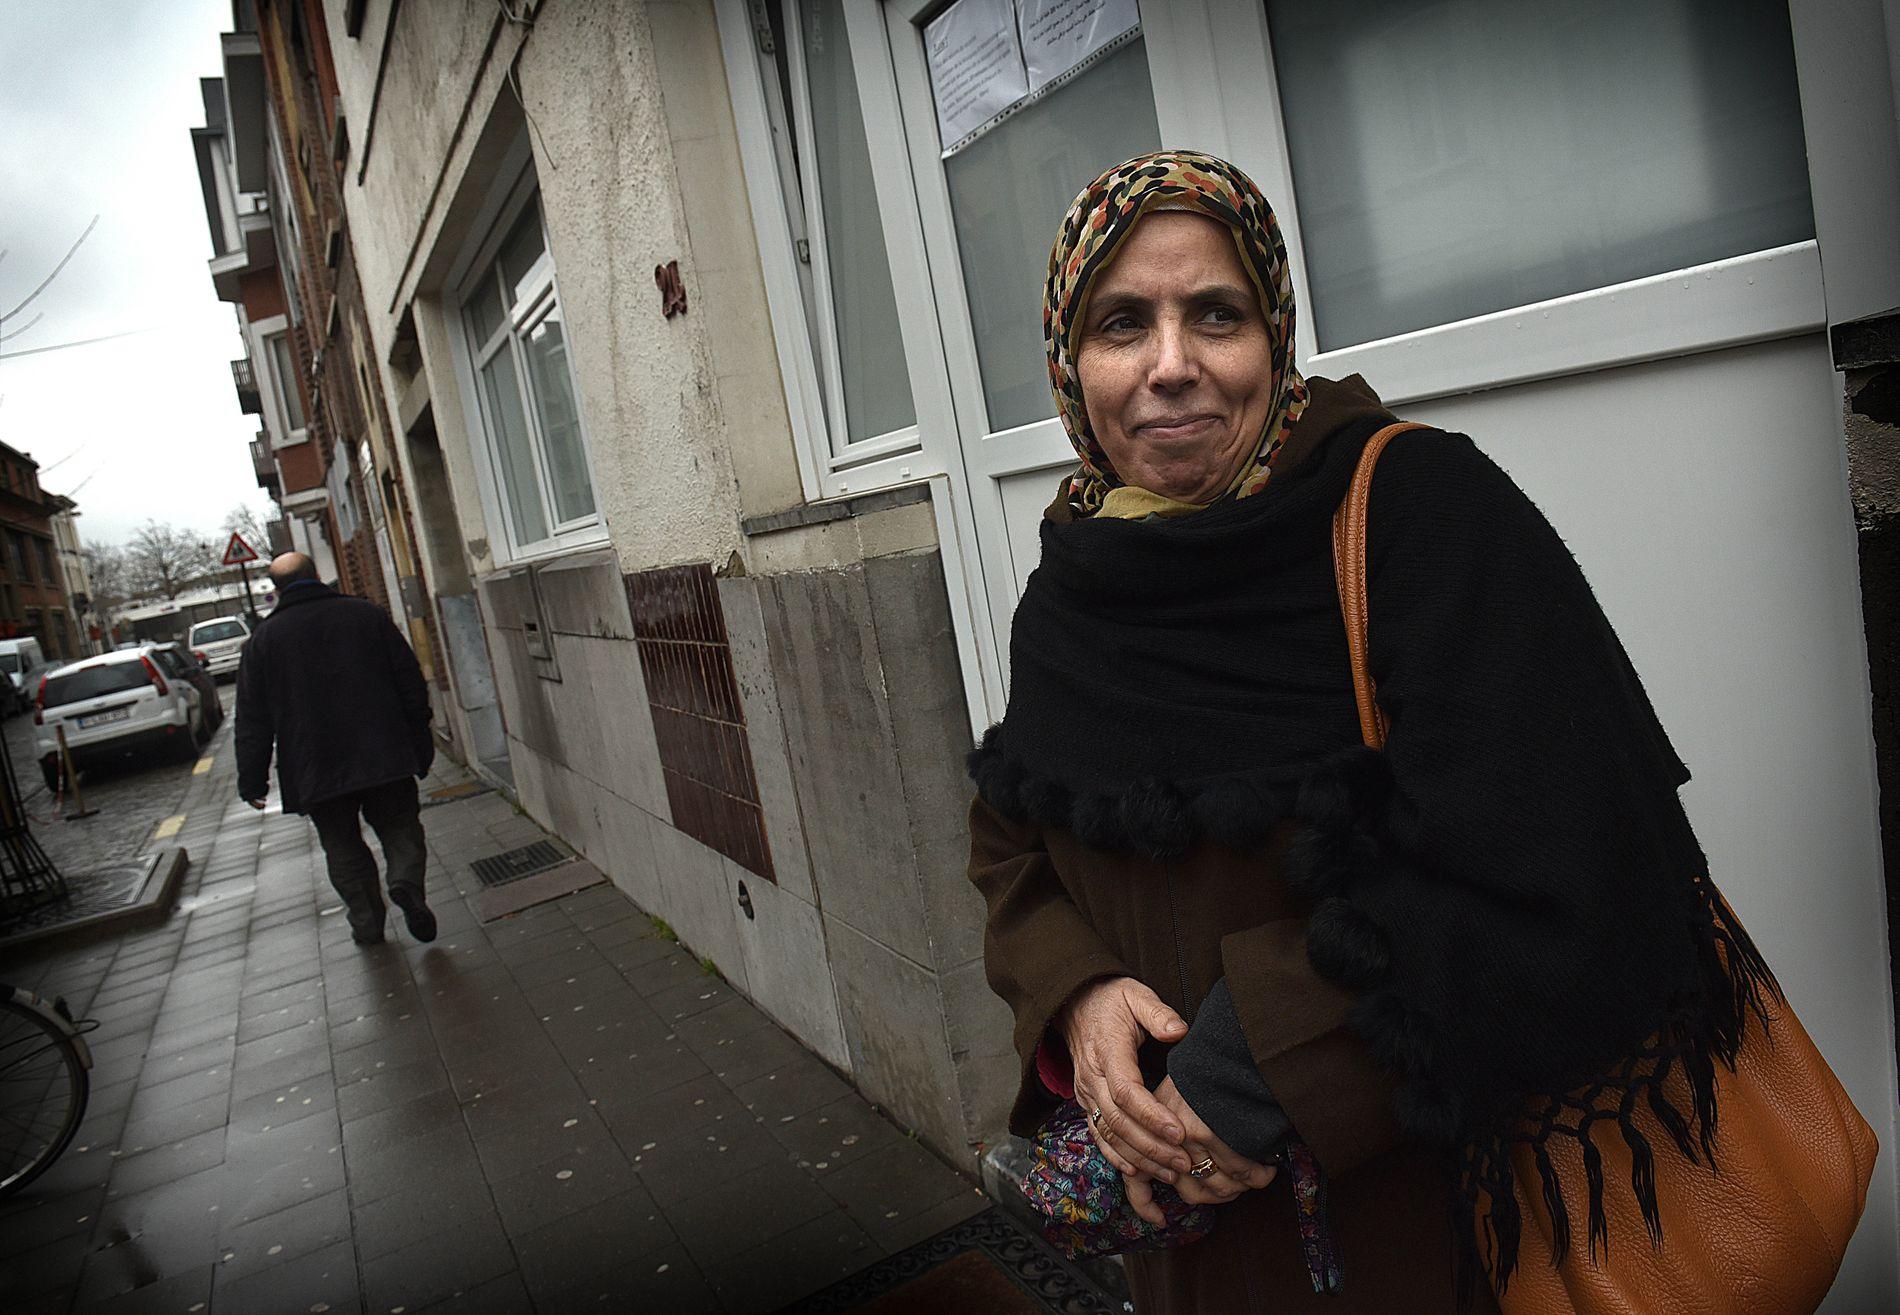 TAR AVSTAND: Denne kvinnen leder en lesesirkel i moskeen. I dag har de diskutert hvordan man kan bekjempe den ekstremismen som har vist seg å finnes like i nærheten av moskeen.